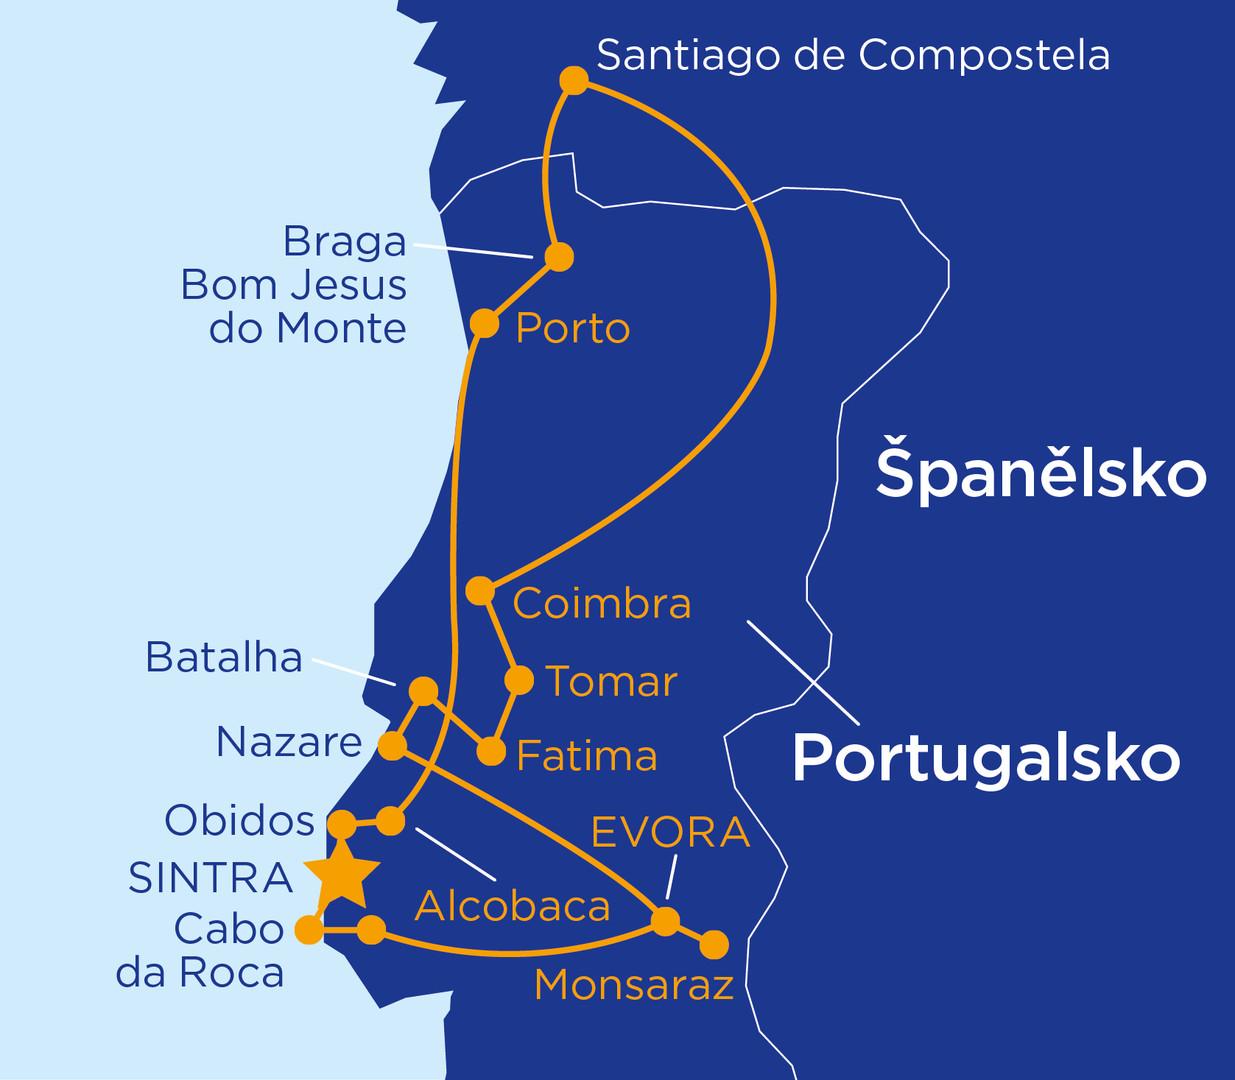 Portugalským pobřežím Atlantiku s výletem do Španělska #2